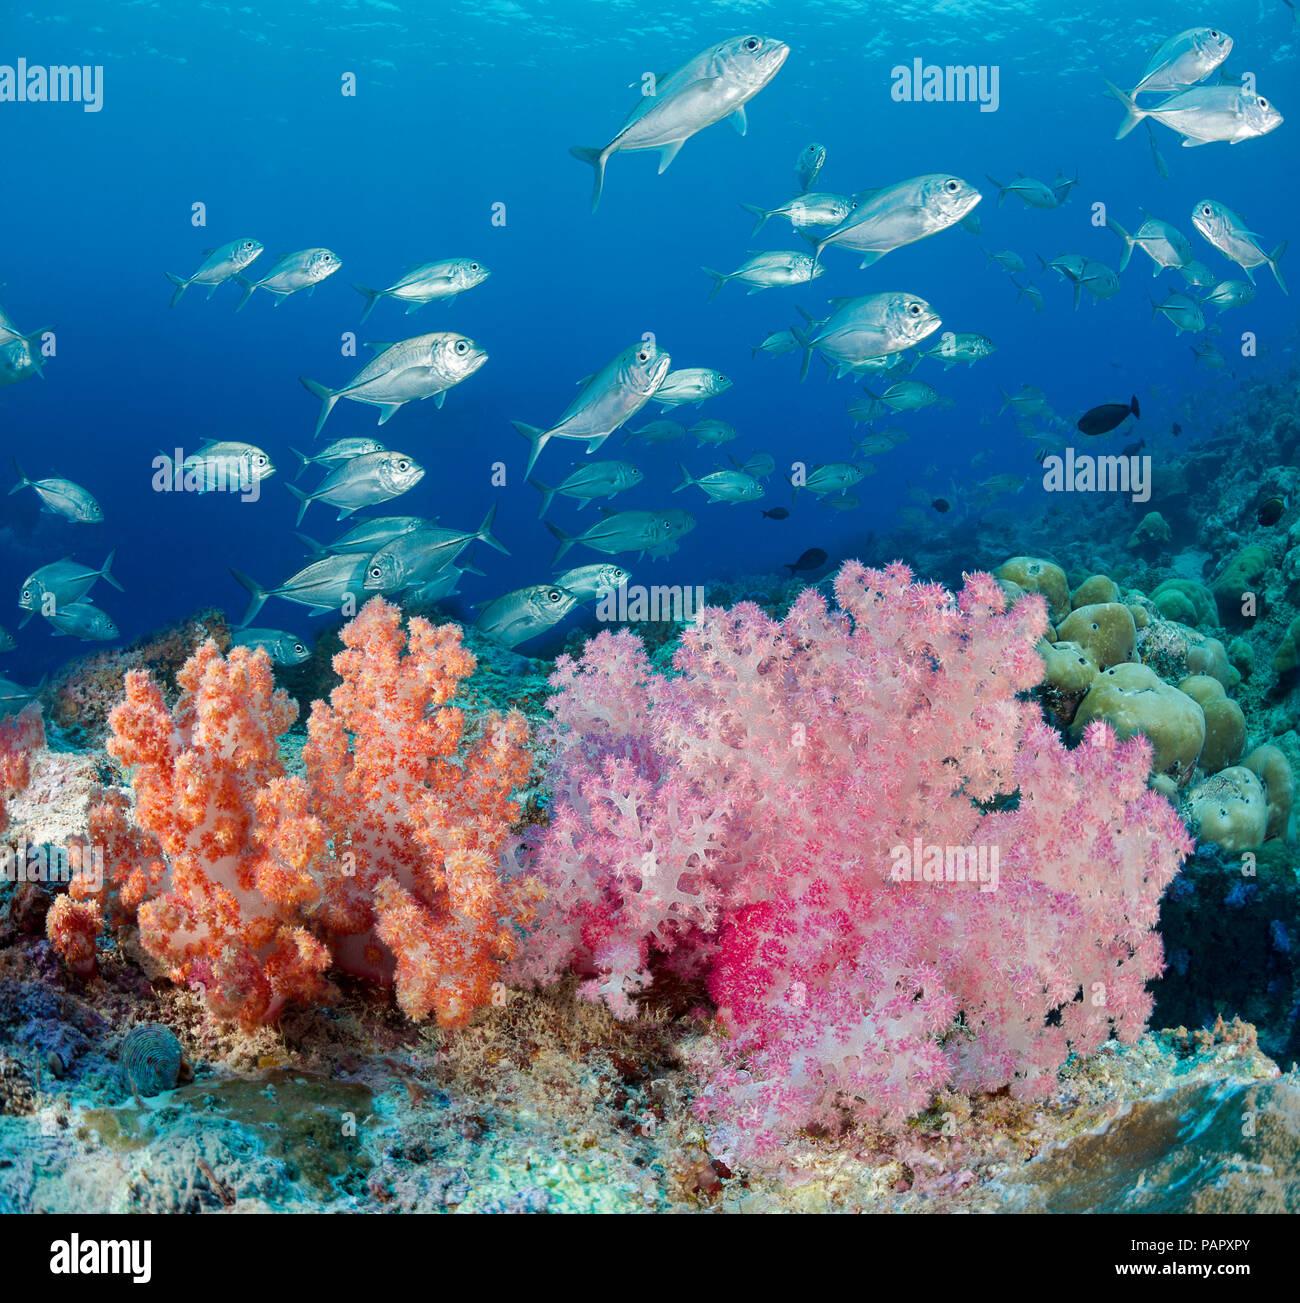 Una escena con alcyonarian arrecife coral blando y escolaridad patudo jacks, Caranx sexfasciatus, frente a la isla de Yap, Micronesia. Foto de stock